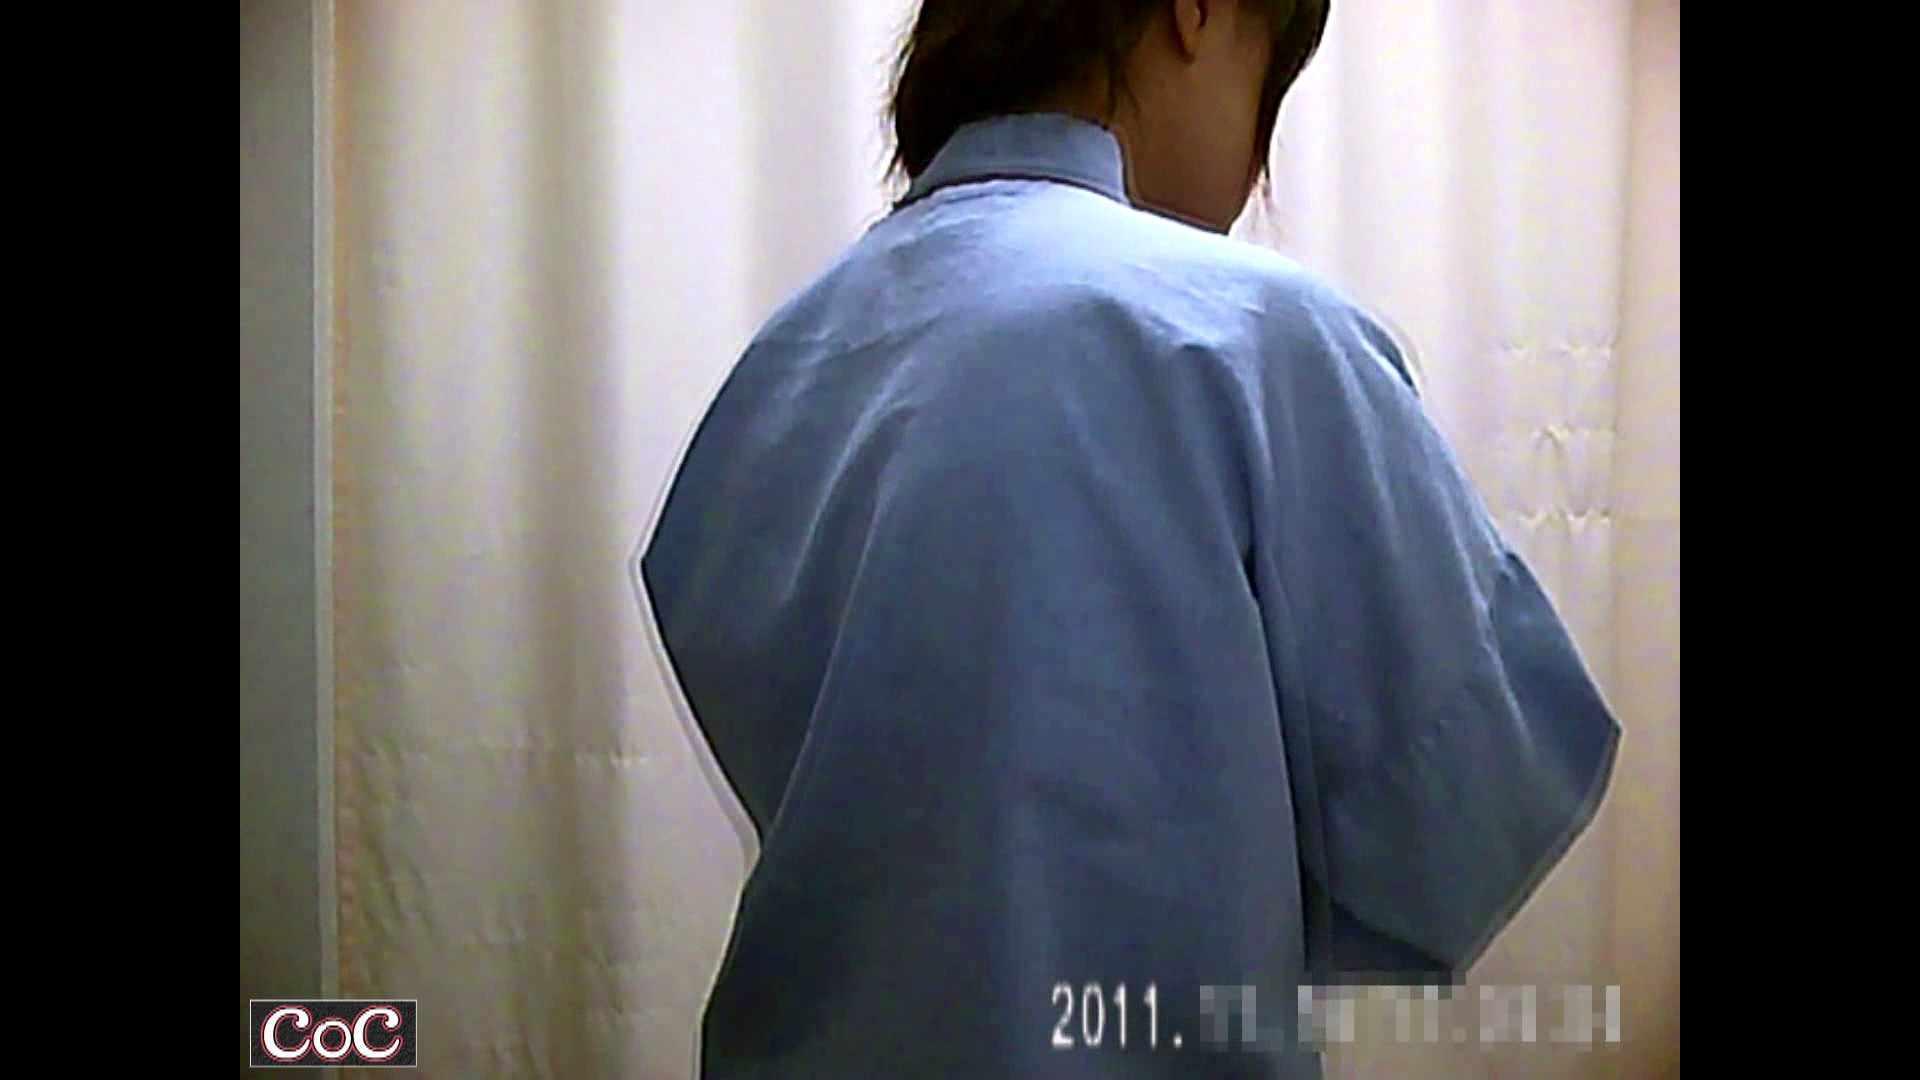 ハメ撮り|元医者による反抗 更衣室地獄絵巻 vol.206|怪盗ジョーカー